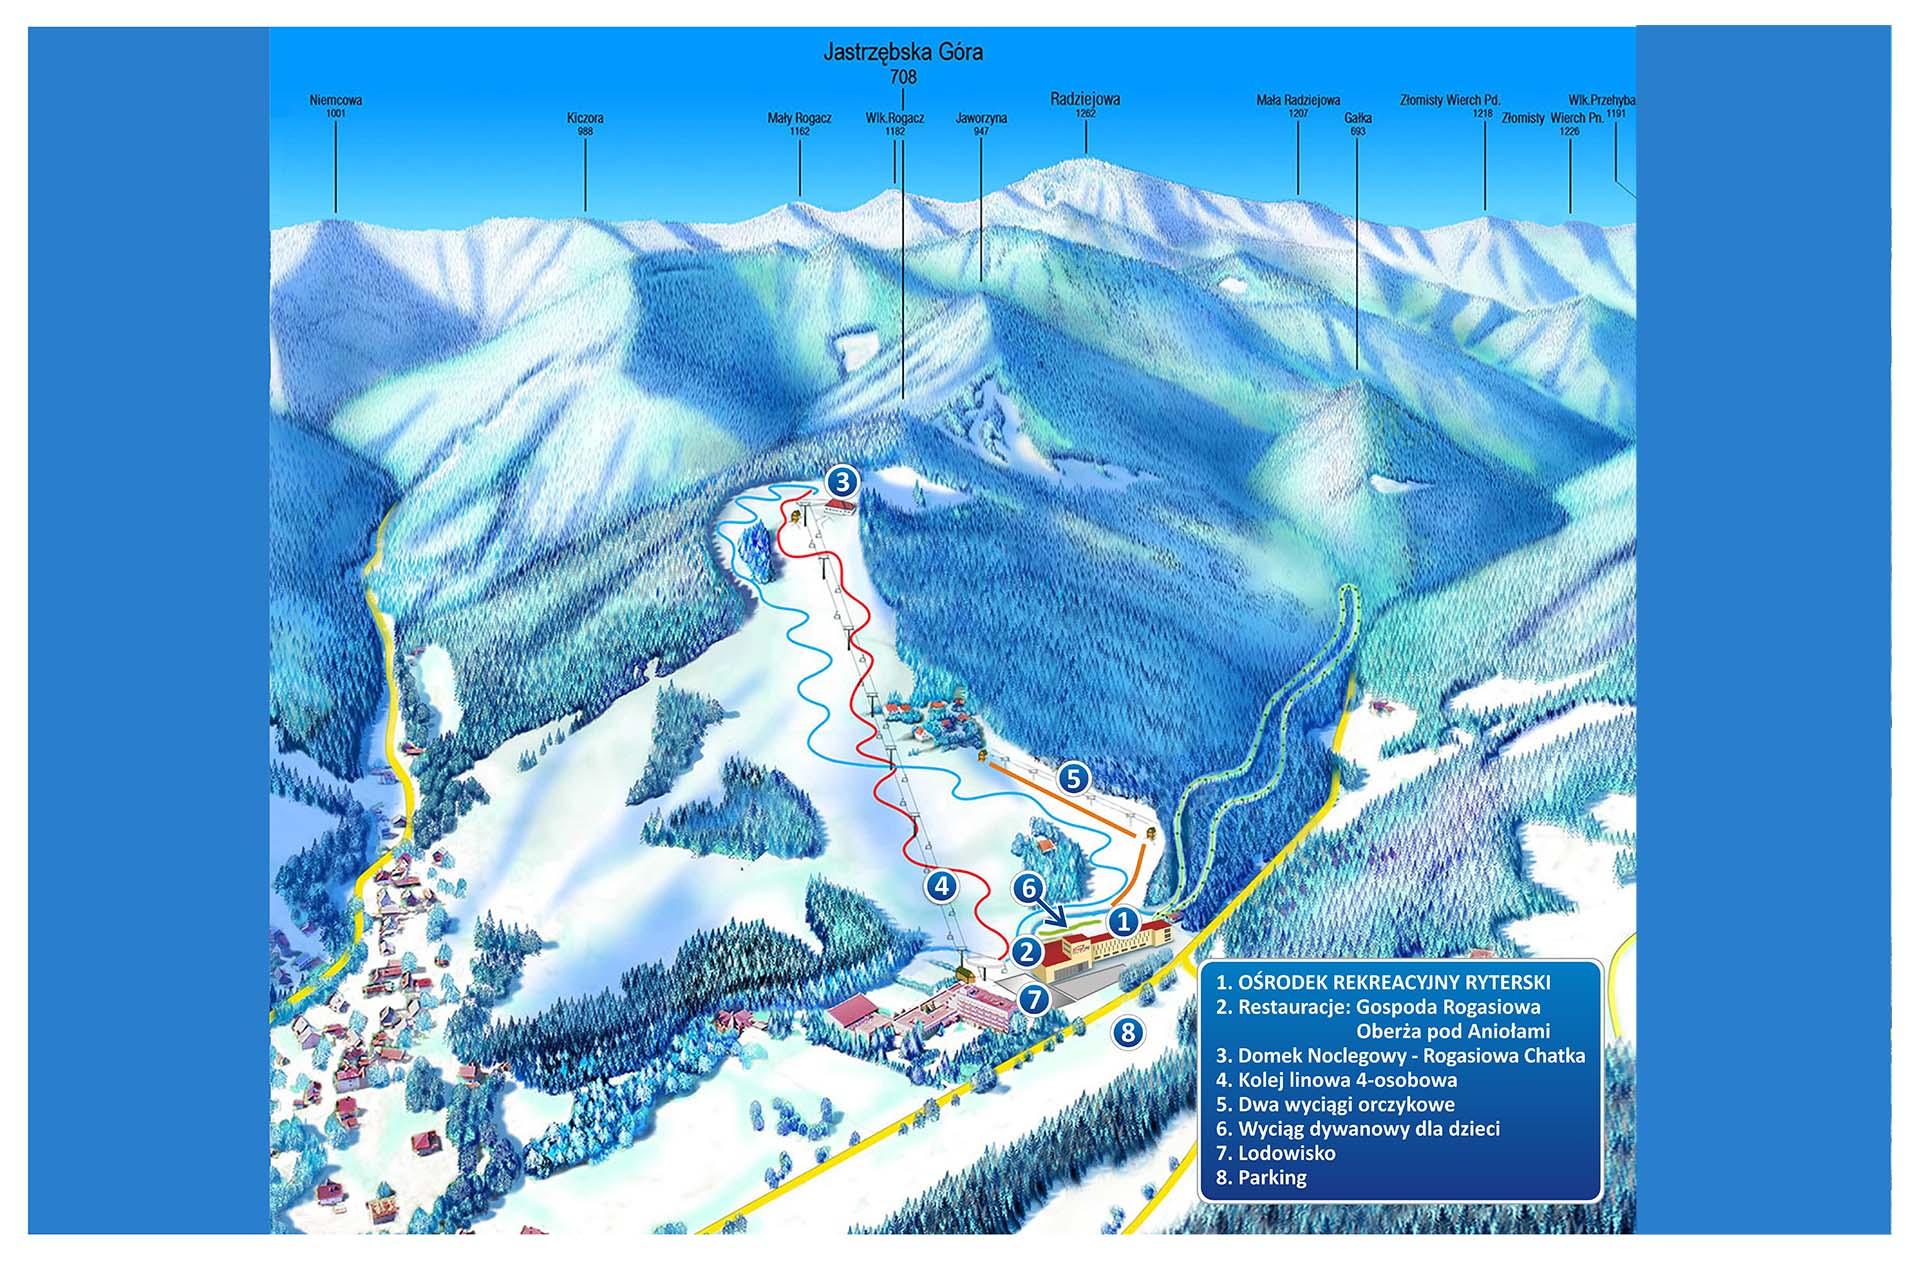 Trasa narciarska RyterSKI - Ryterskiraj - Rytro - Stok narciarski - Trasa -